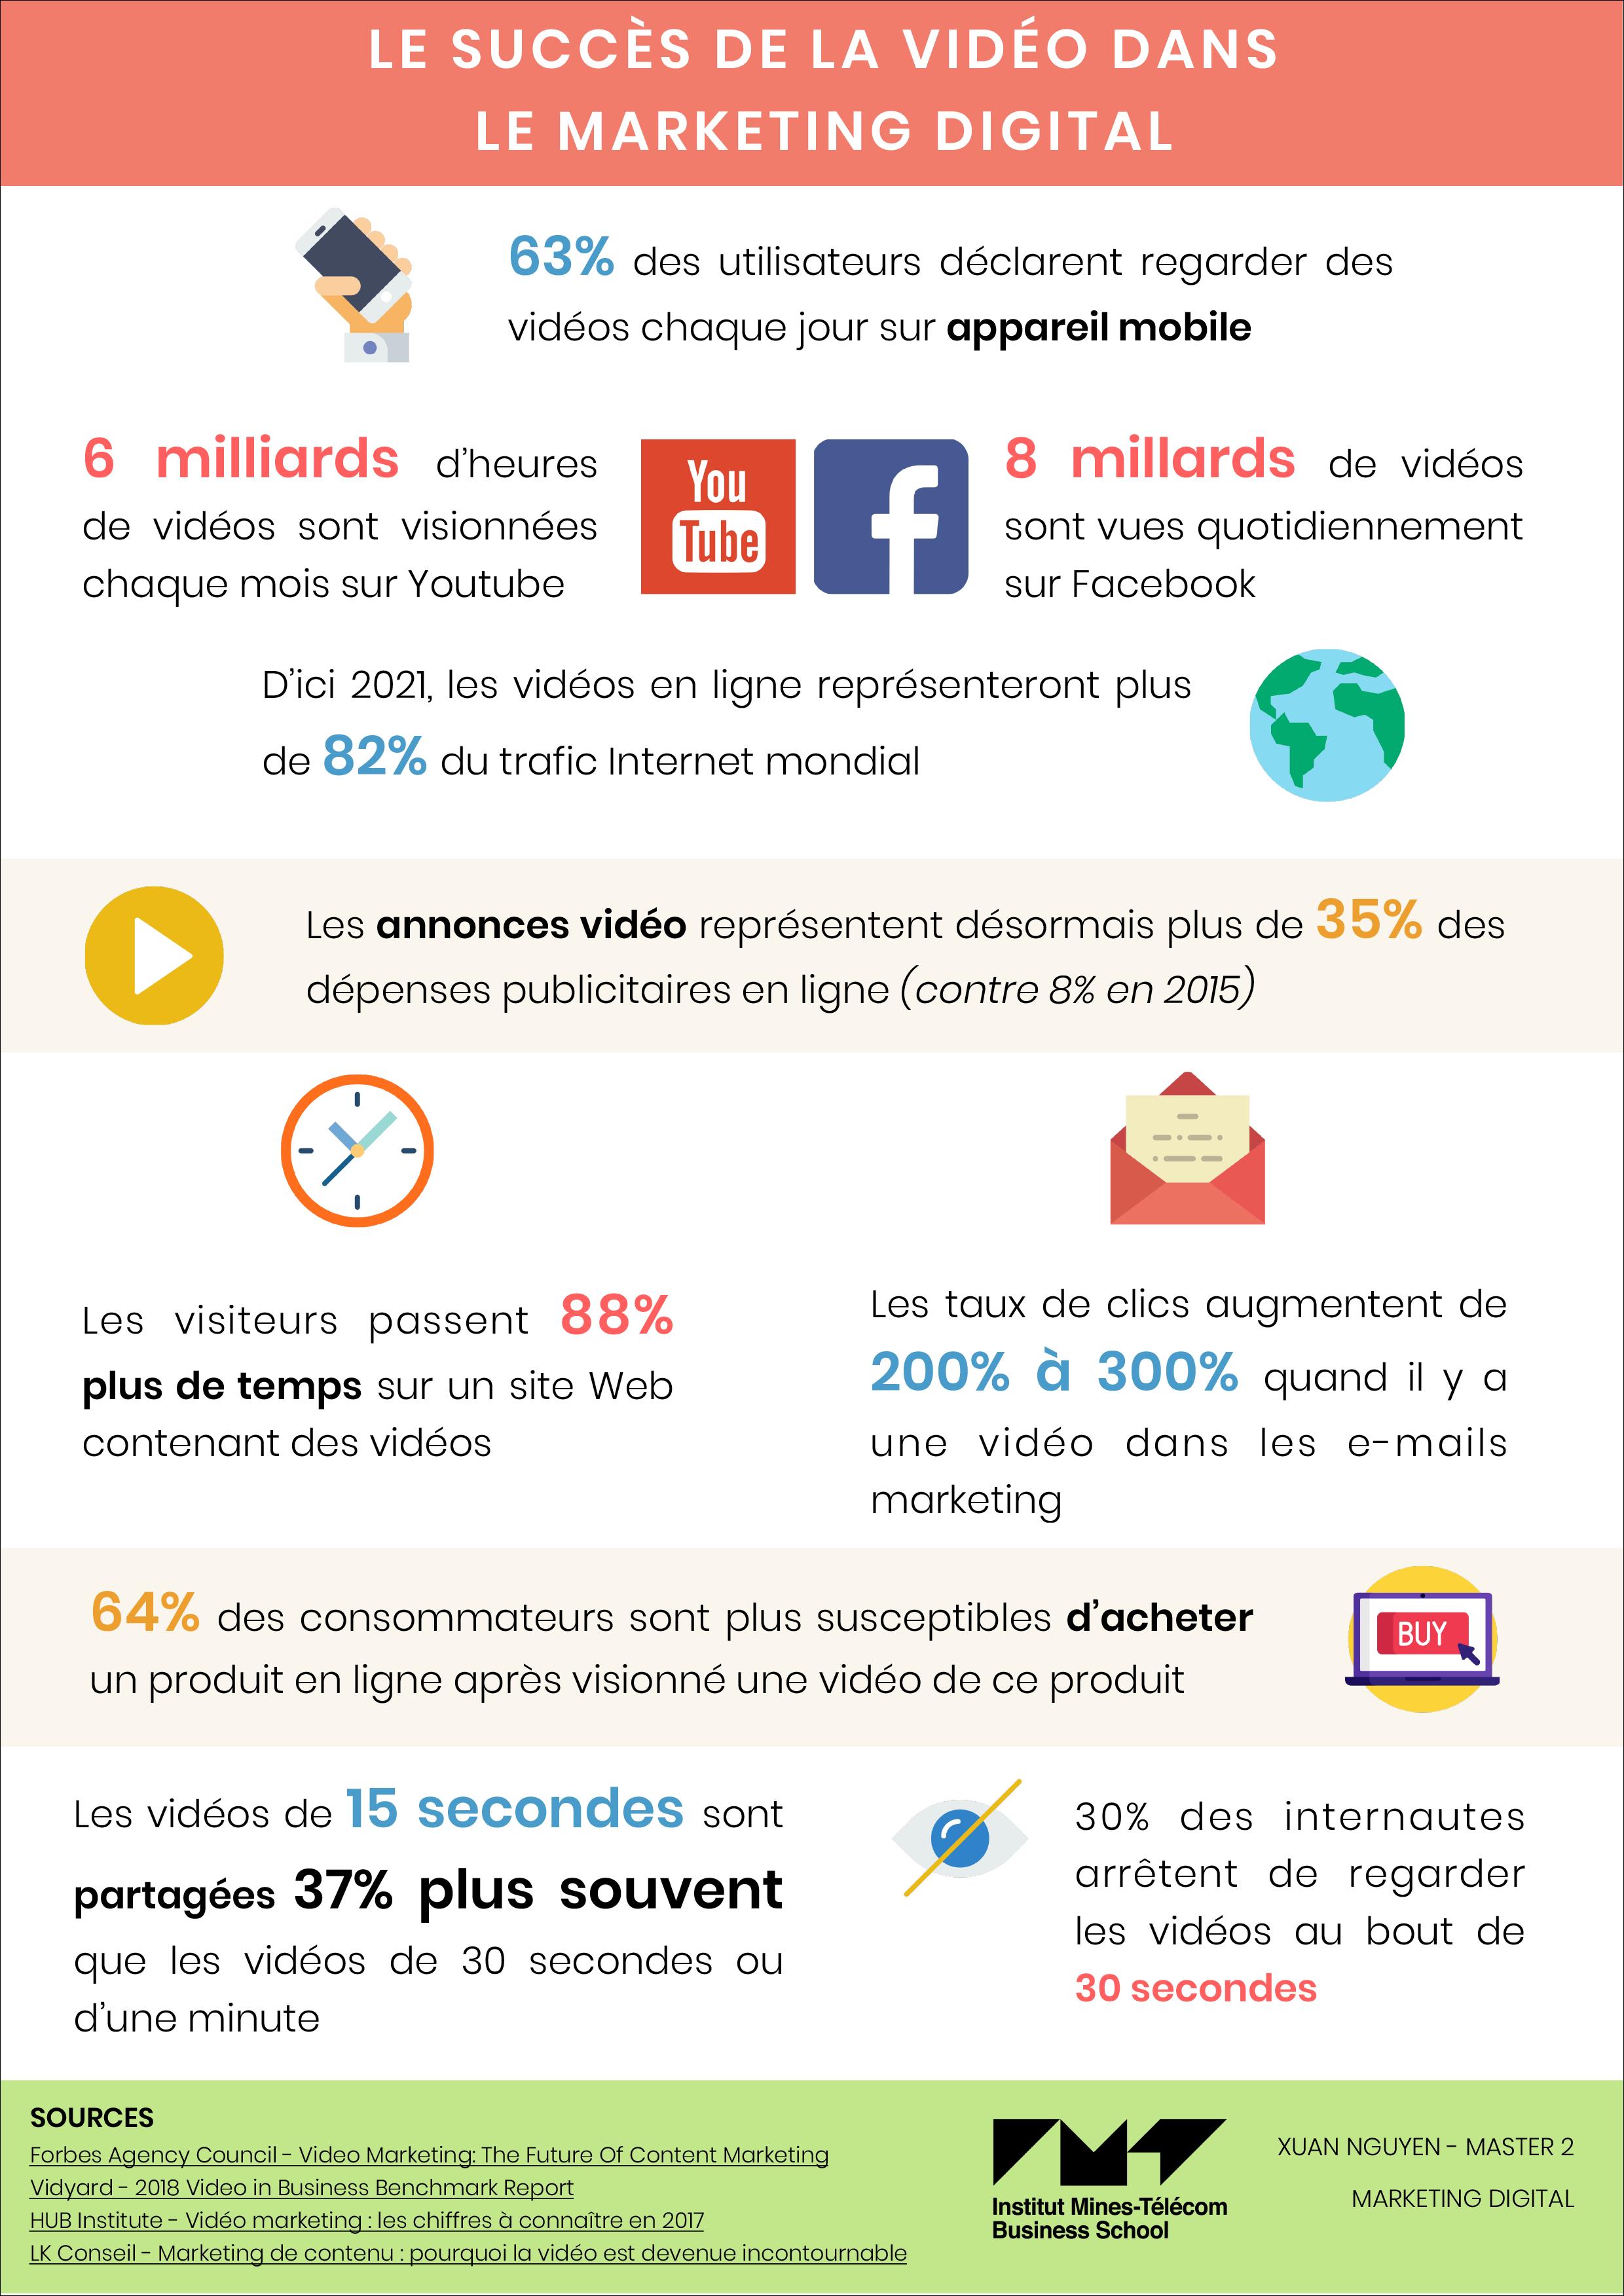 Infographie : Le succès de la vidéo dans le marketing digital